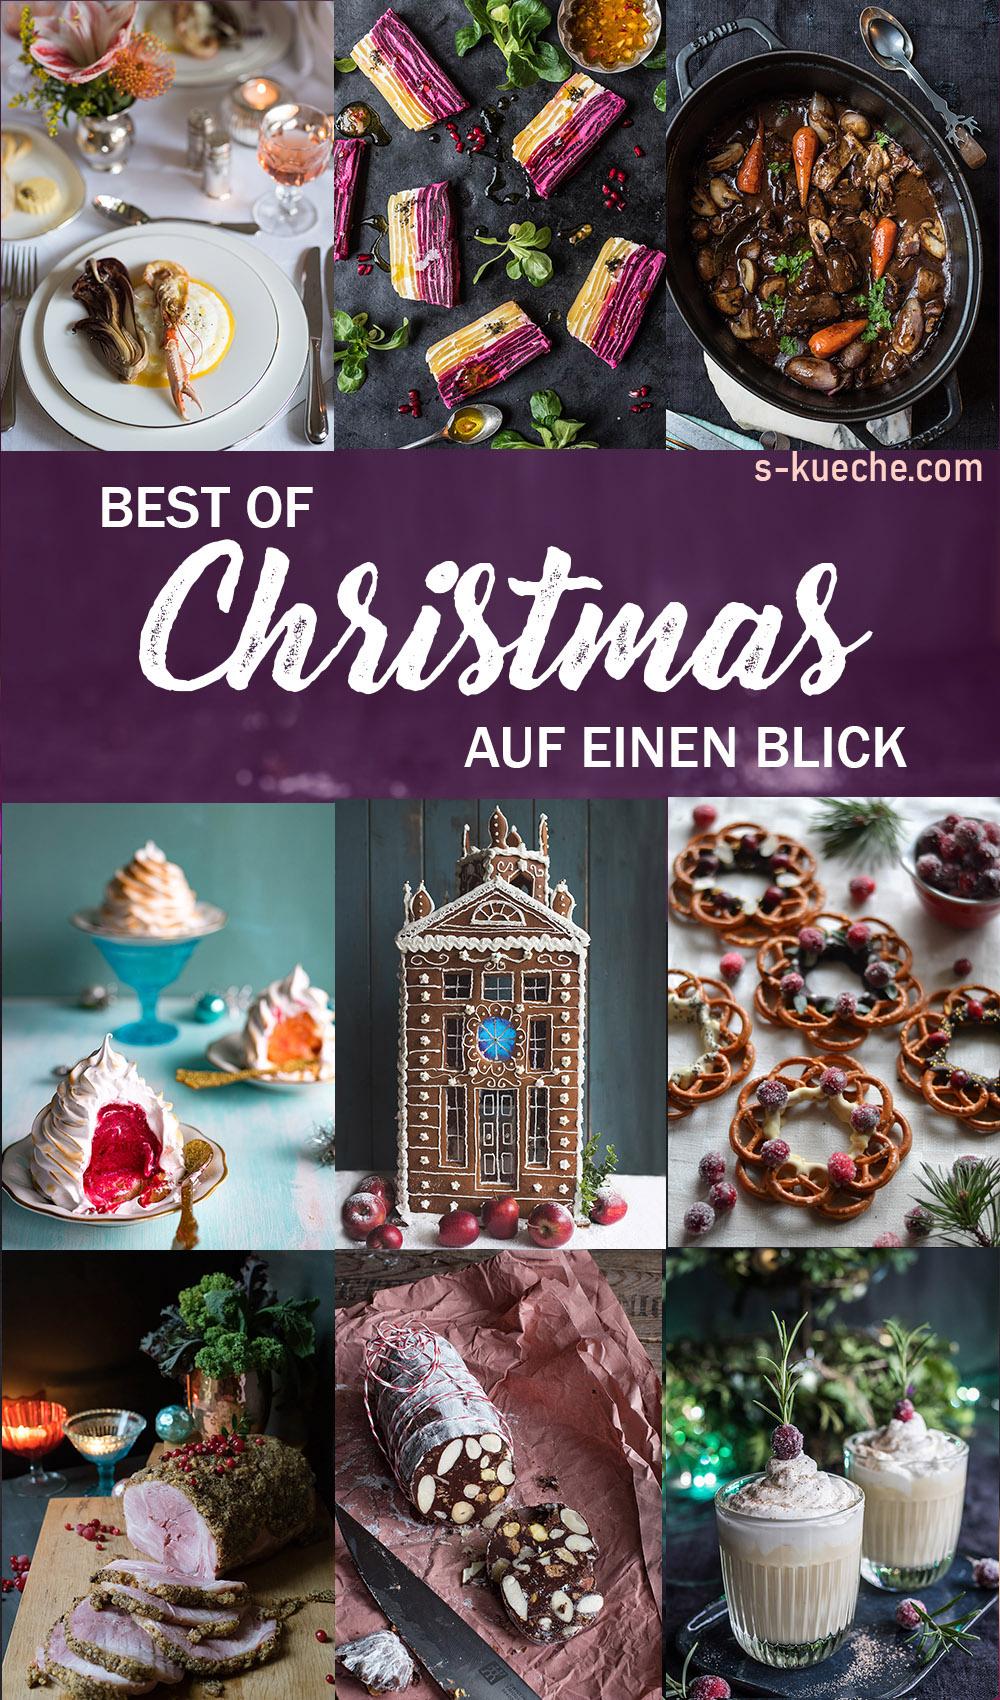 Die besten Weihnachtsrezepte aus der S-Küche - Advent und Weihnachten aus 5 Jahren auf einen Blick - Best of Christmas Rezepte von Frühstück bis Keks